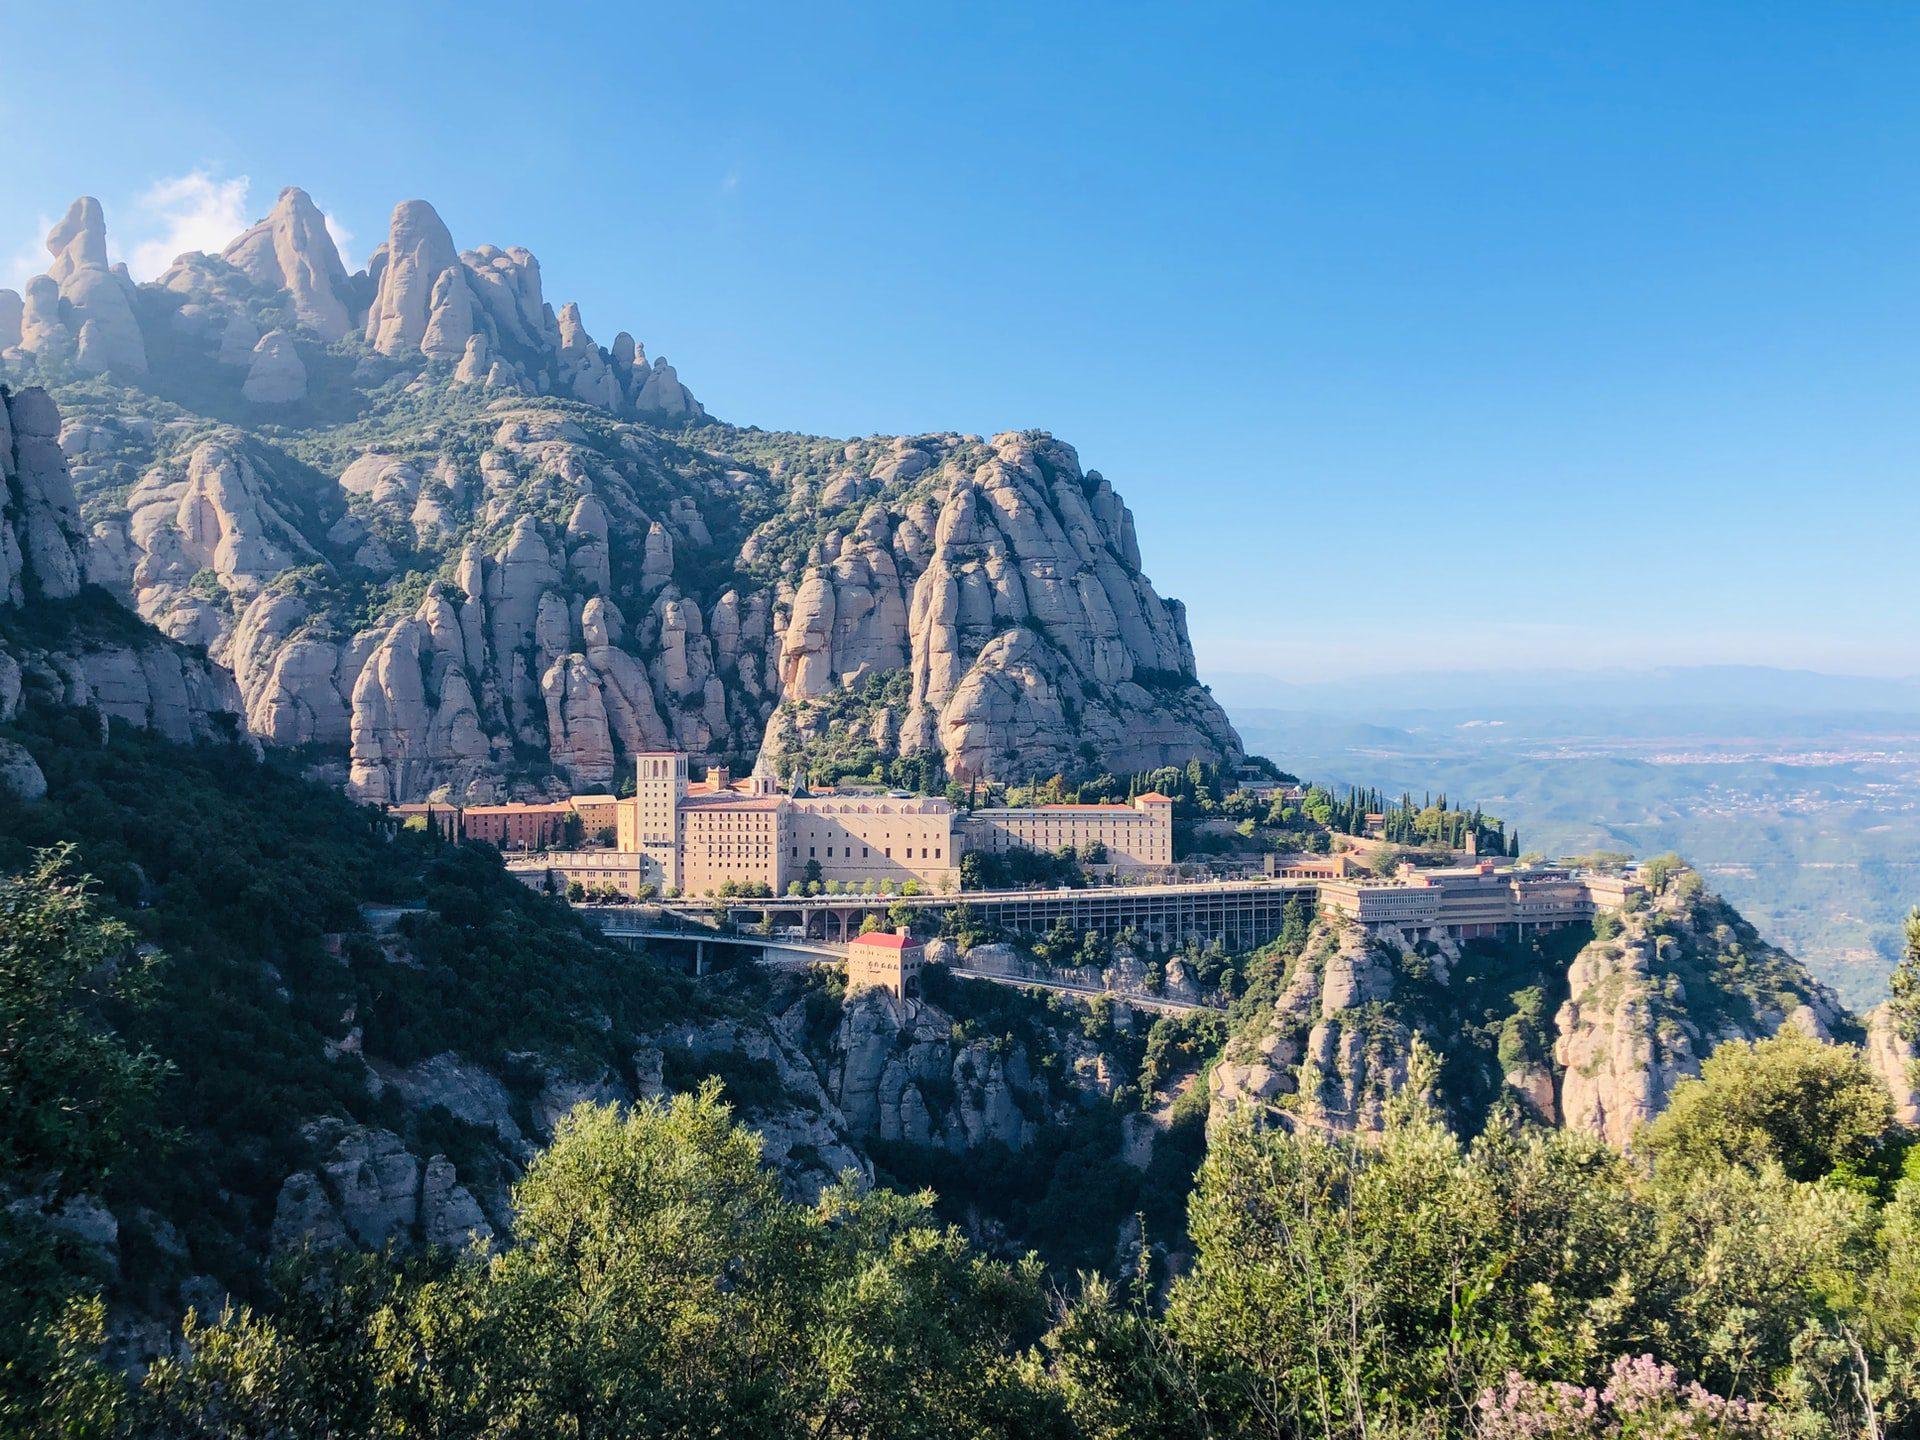 Trajet : Barcelone à Montserrat